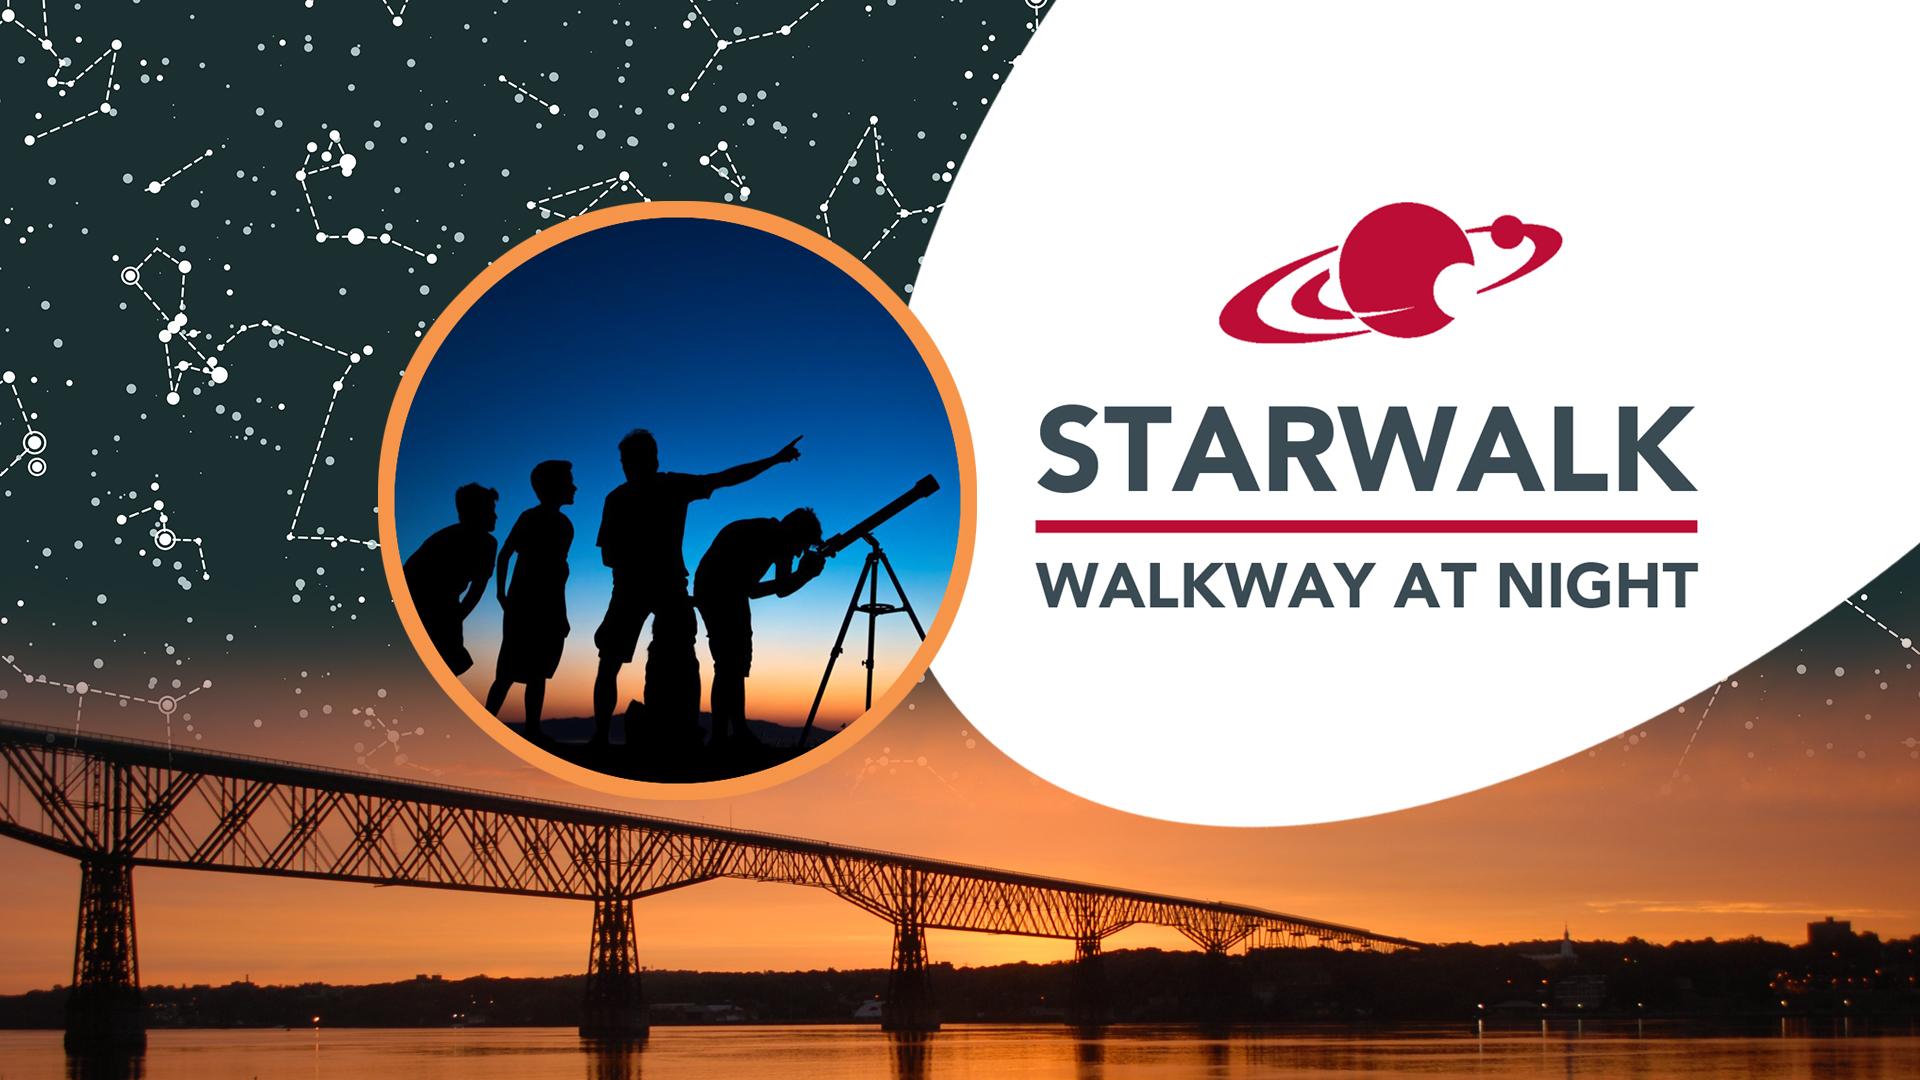 STARWALKS on Walkway Over the Hudson